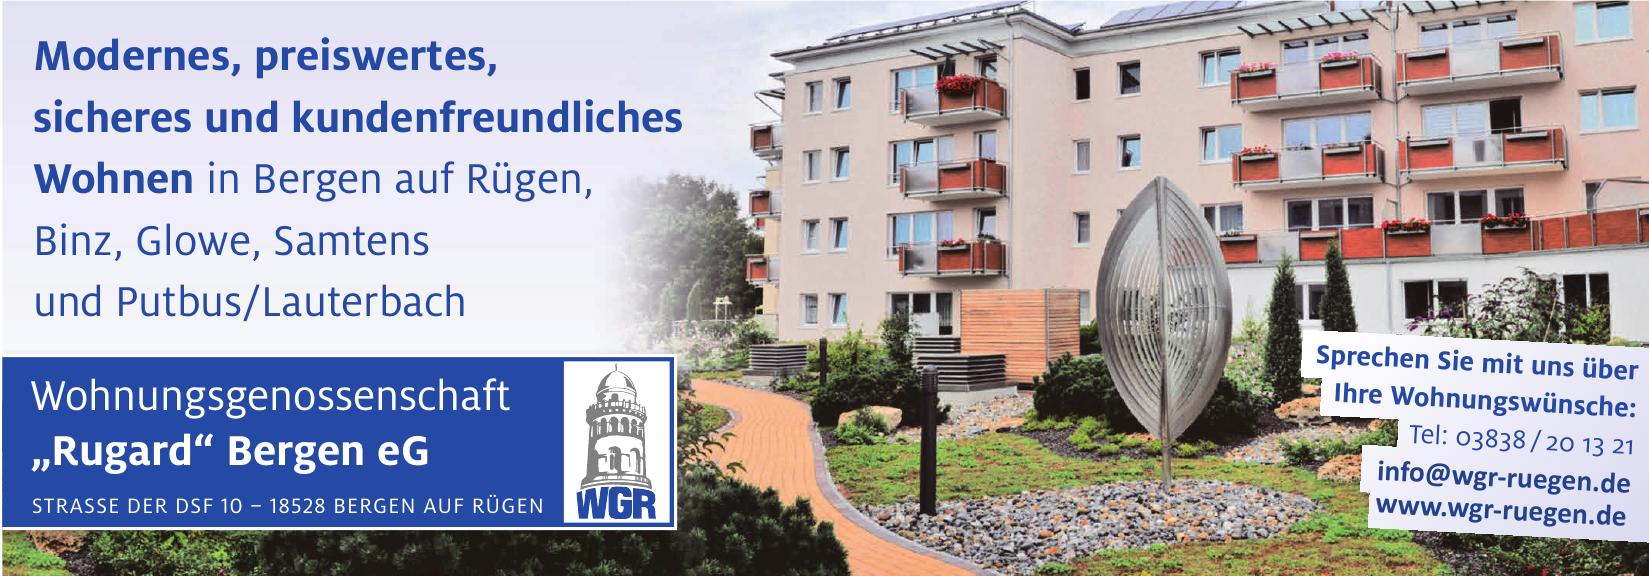 """Wohnungsgenossenschaft """"Rugard"""" Bergen eG"""